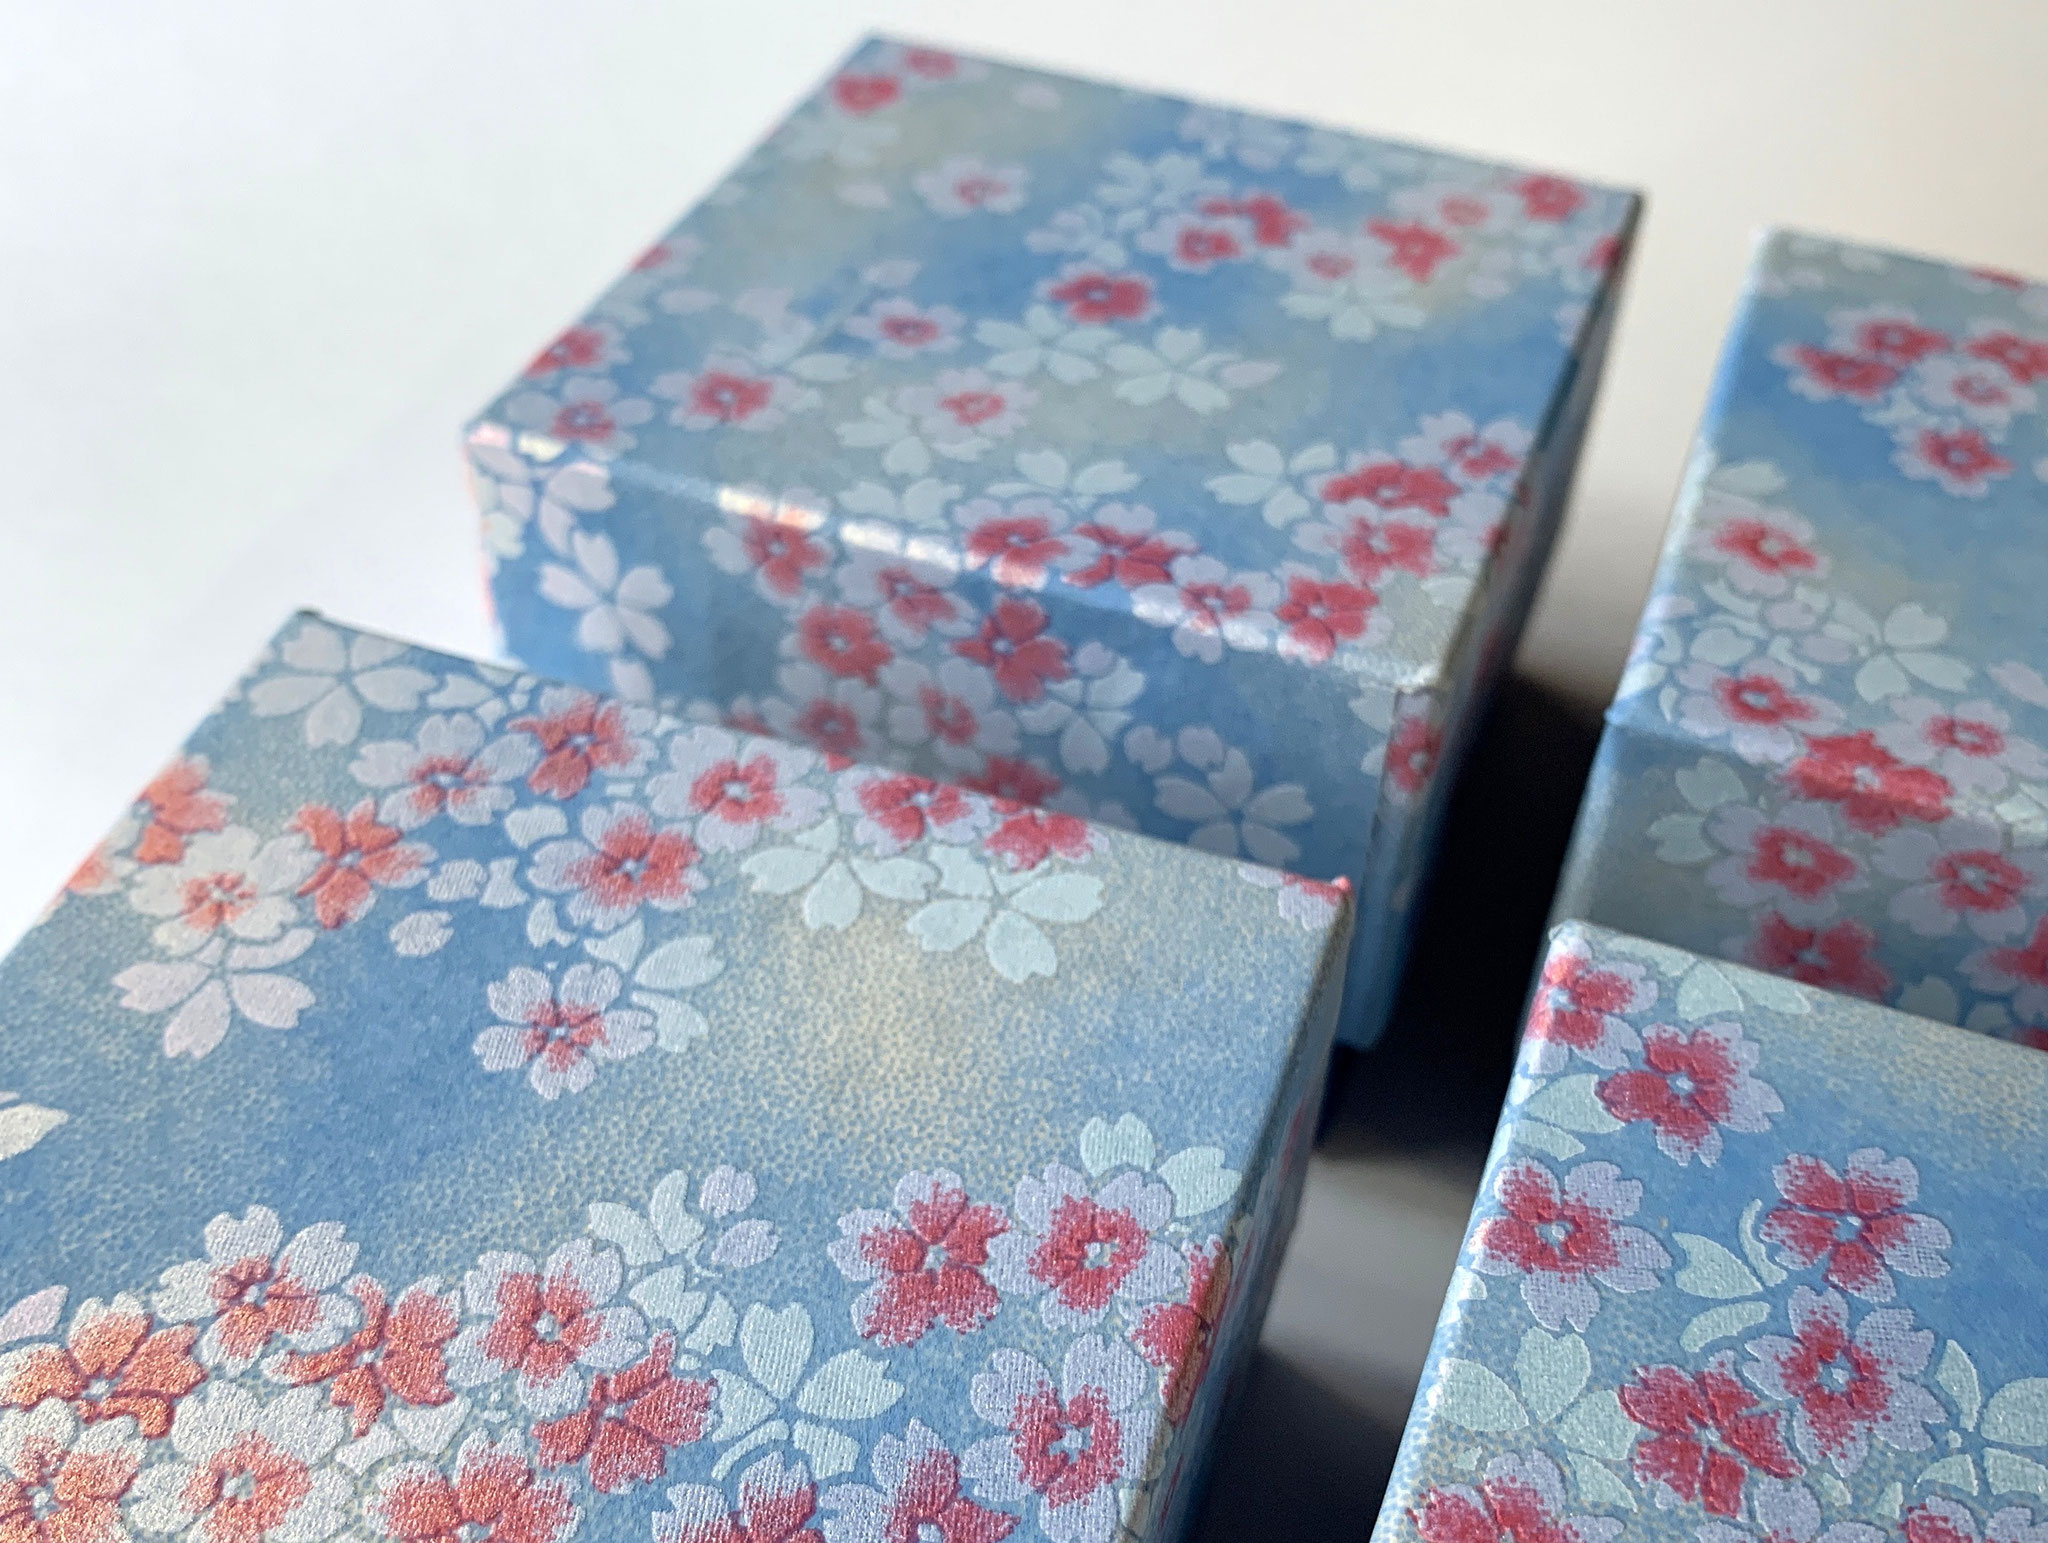 千代紙と鳥の子紙を使って別注で作製した貼箱をスイス向けに発送